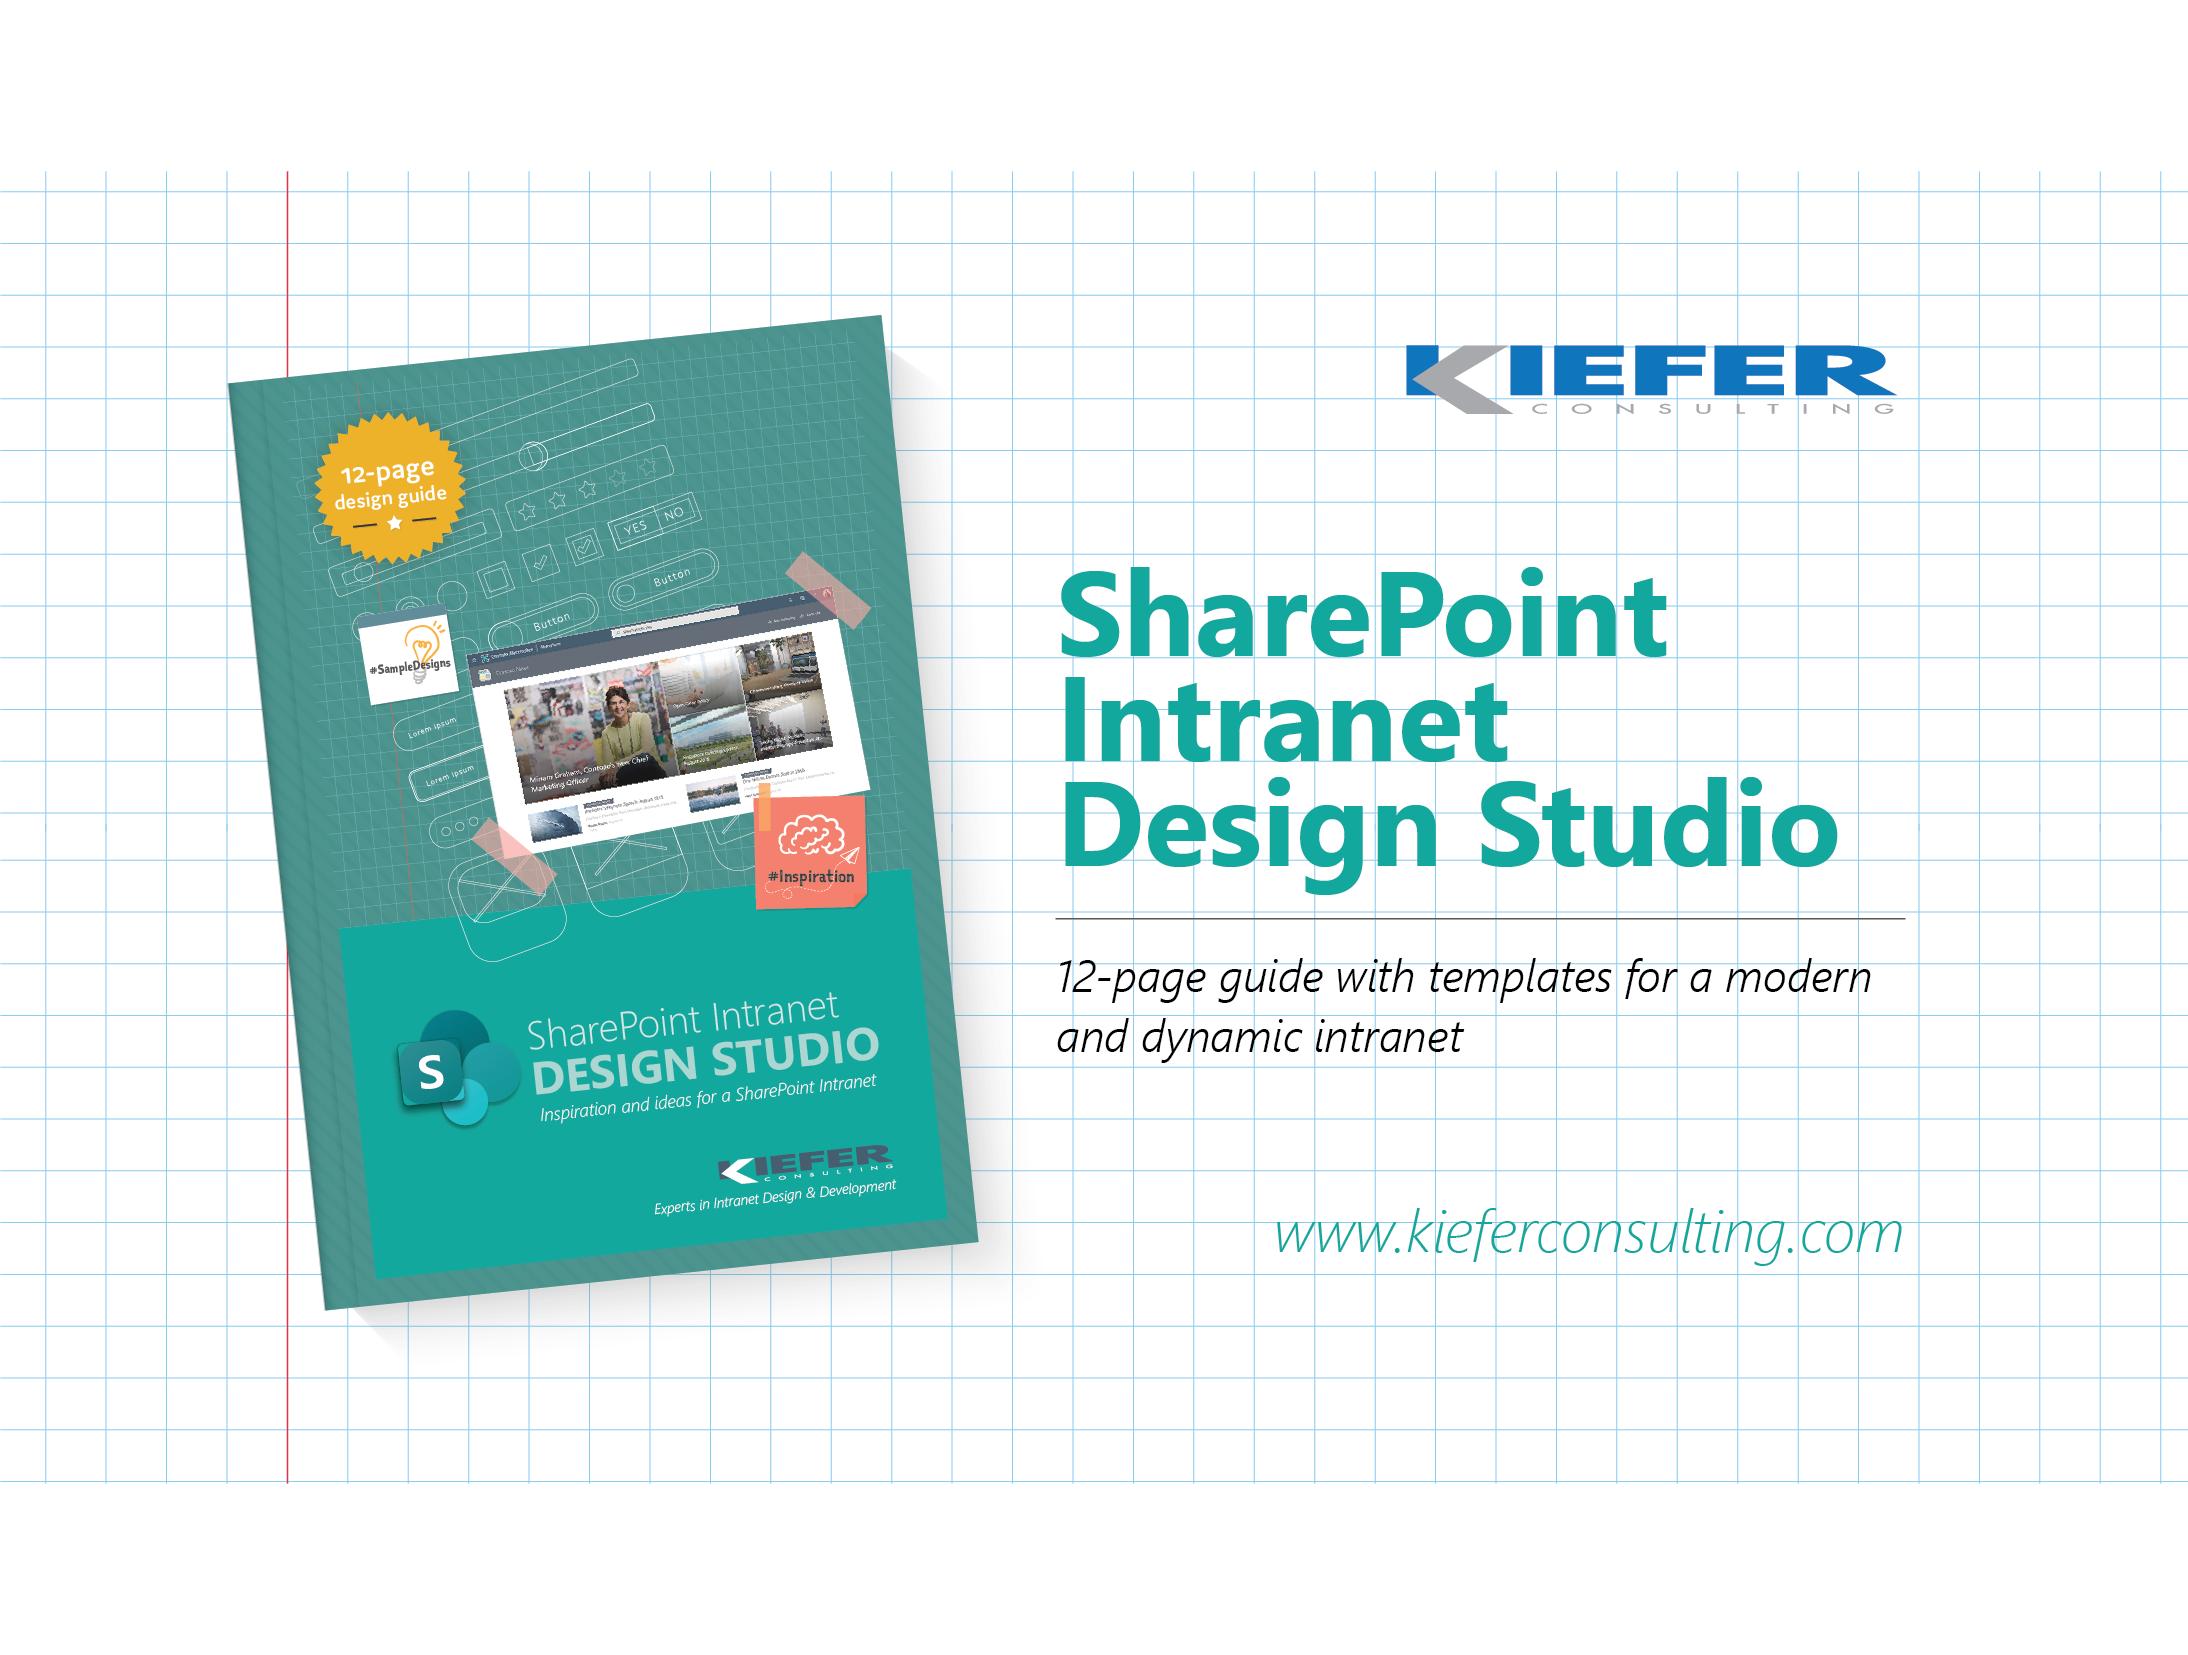 Kiefer Design Guide Image